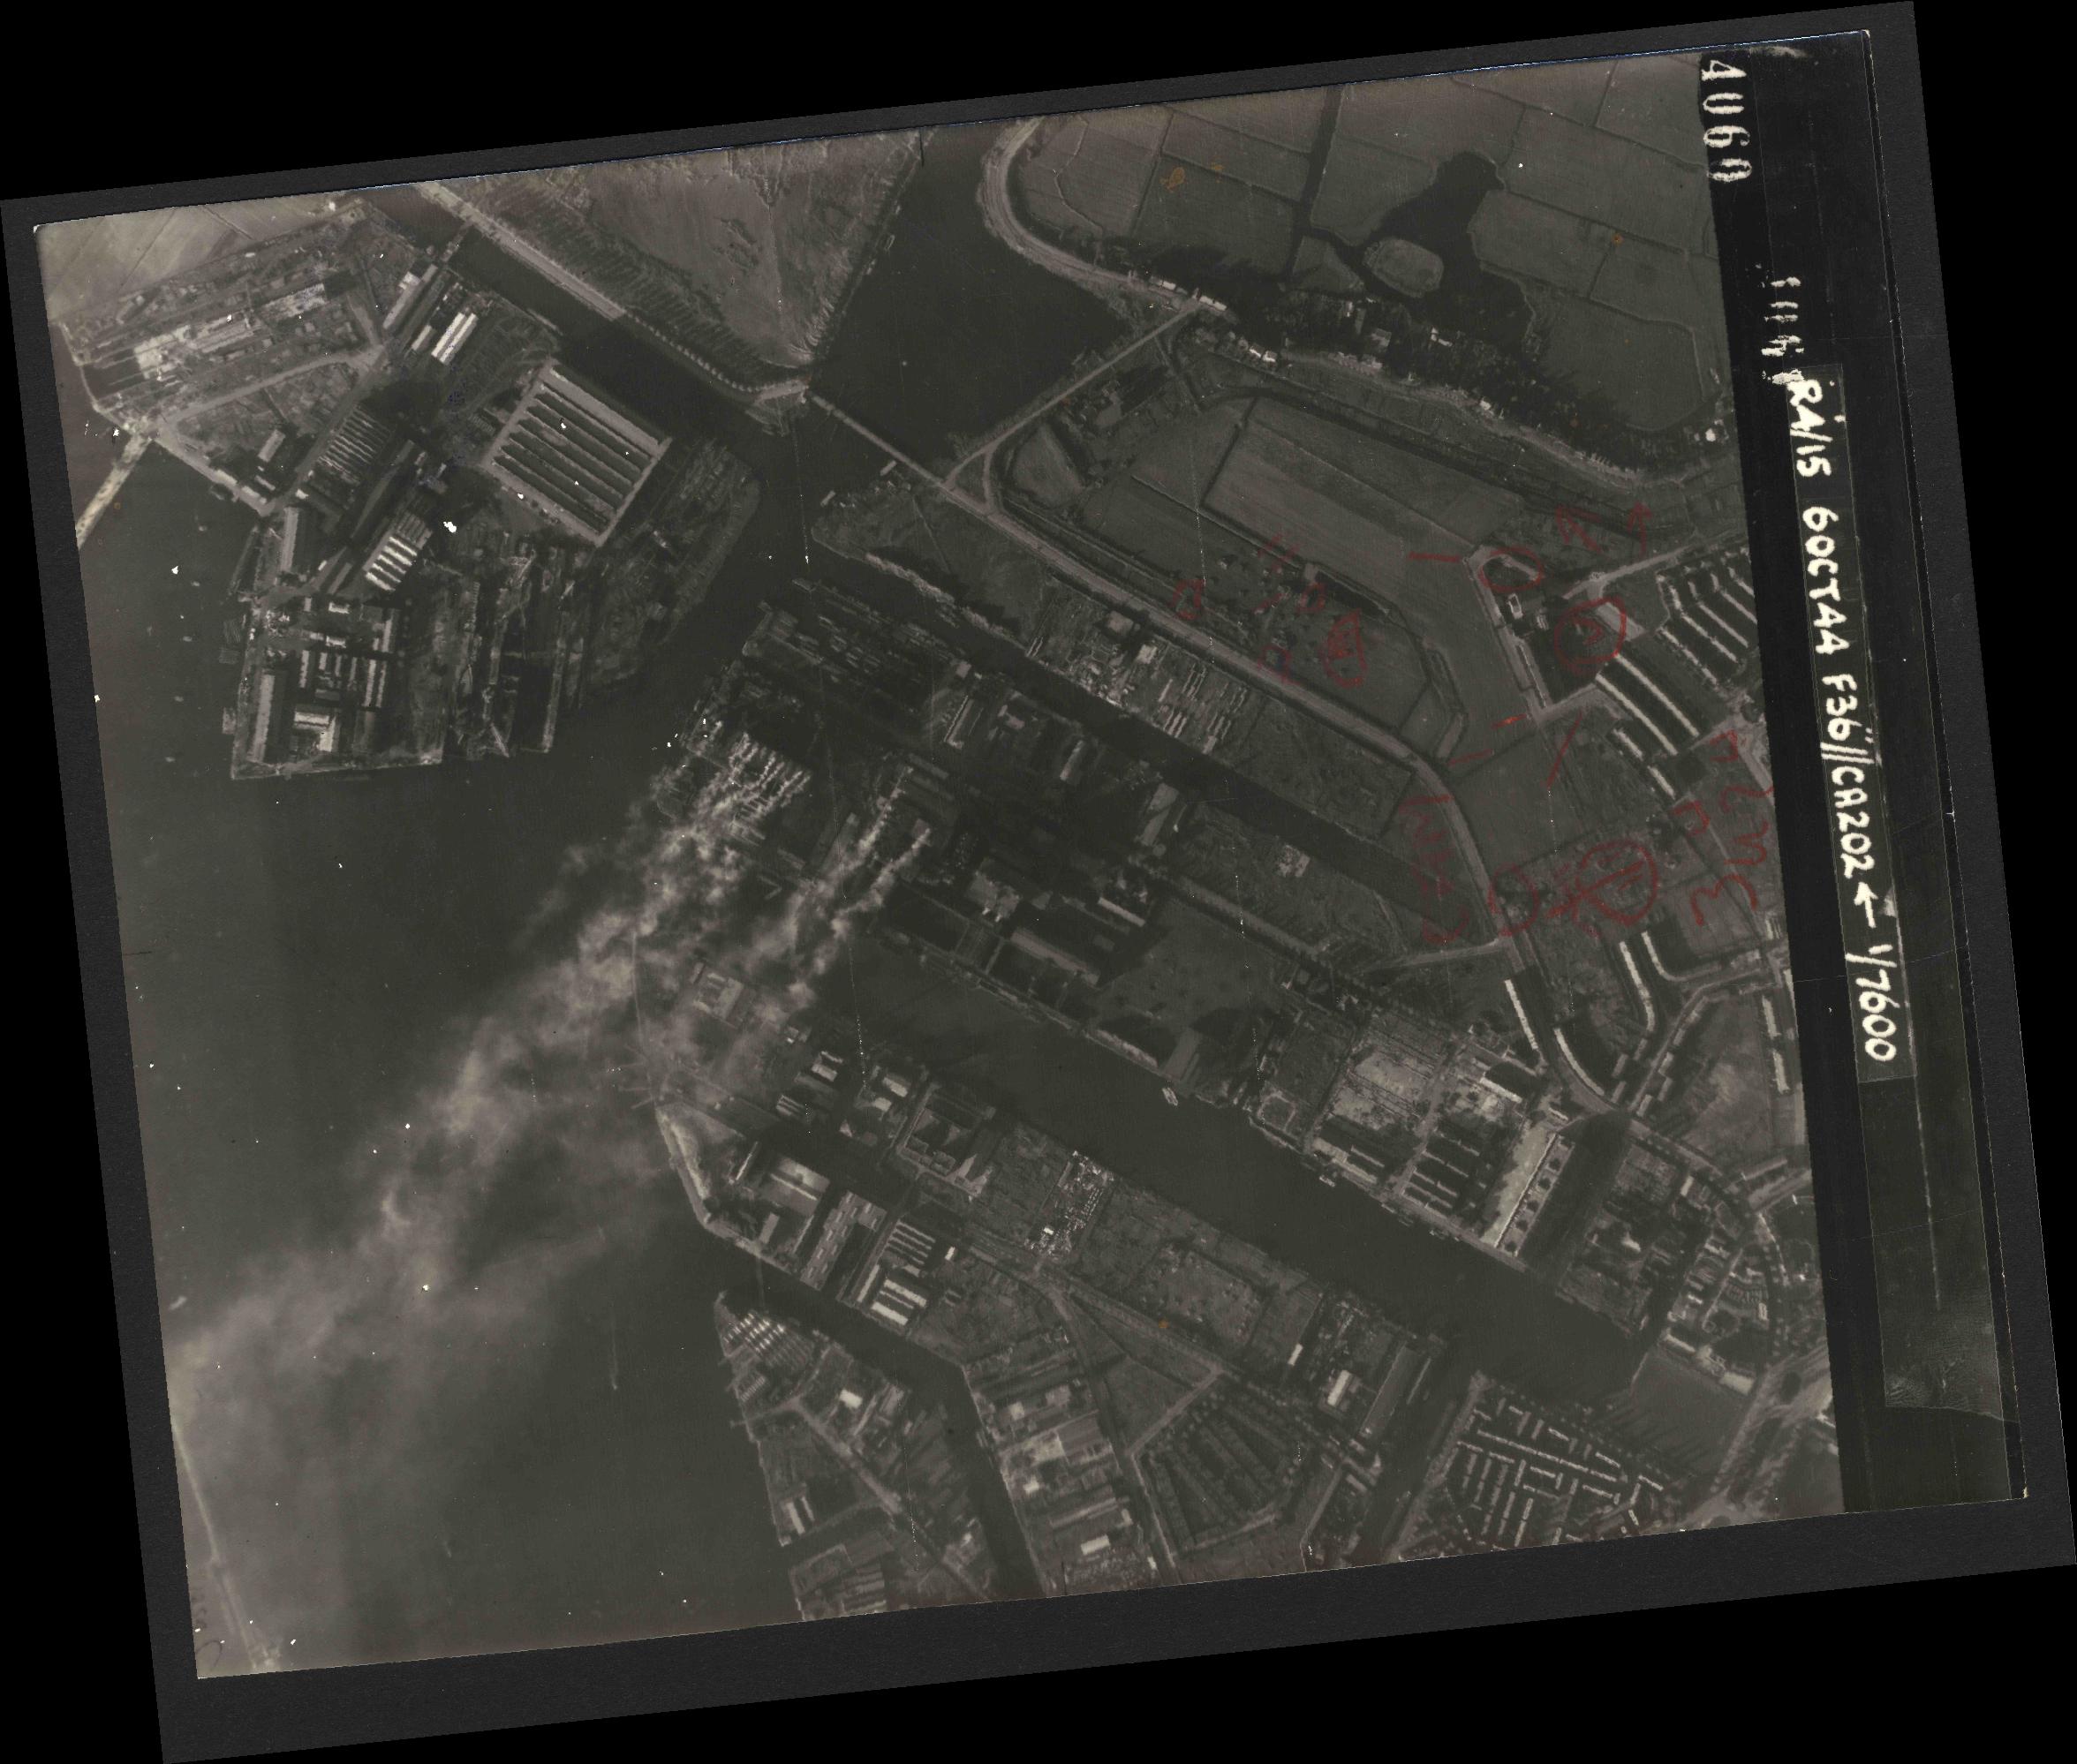 Collection RAF aerial photos 1940-1945 - flight 121, run 08, photo 4060